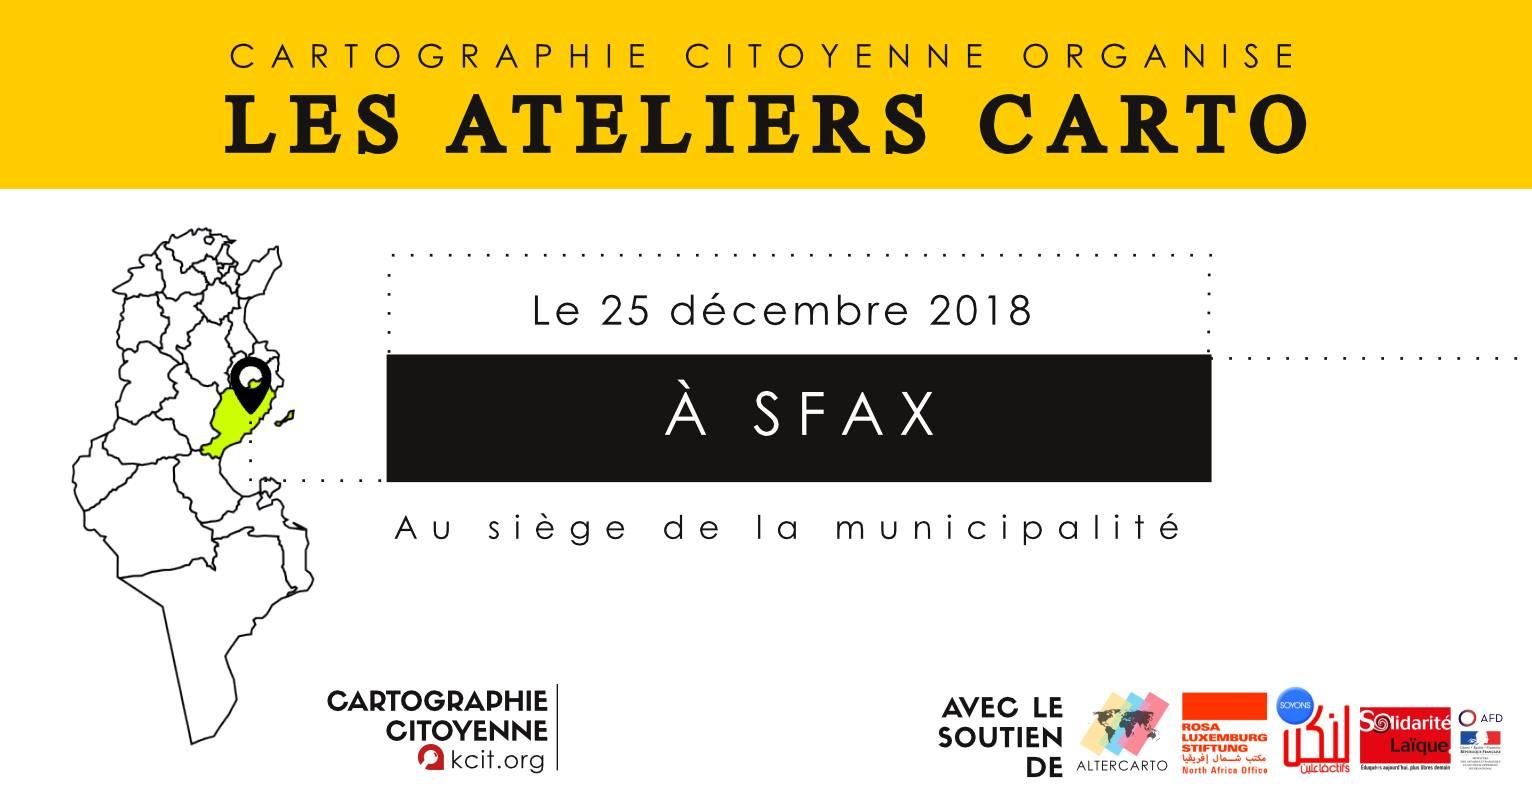 Les ateliers CARTO : #9 À Sfax